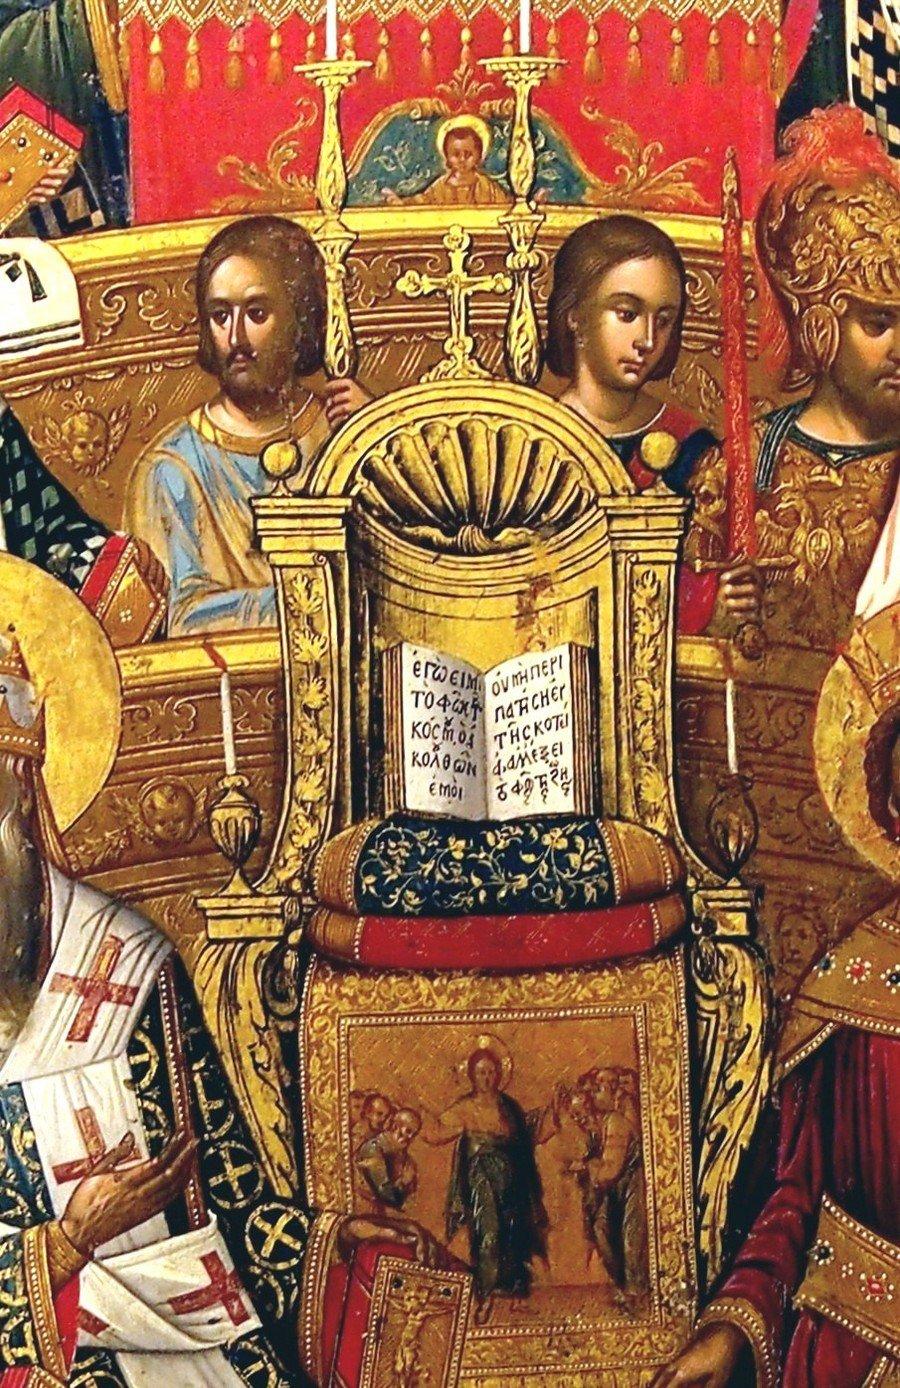 Первый Вселенский Собор. Икона. Крит, 1591 год. Иконописец Михаил Дамаскин. Фрагмент.